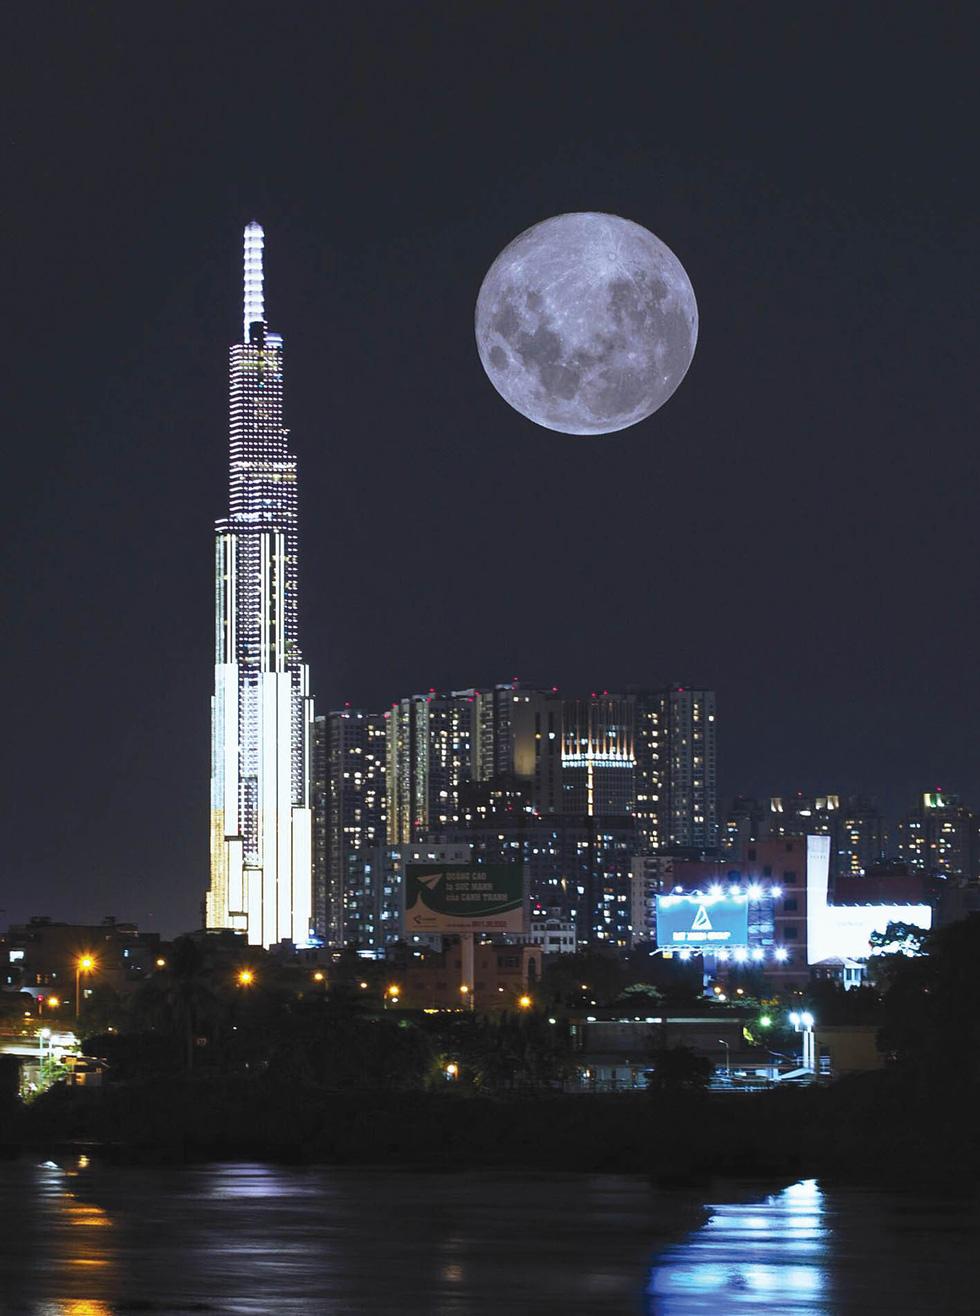 Ngắm Sài Gòn từ độ cao 400m của tòa nhà Landmark 81 - Ảnh 4.